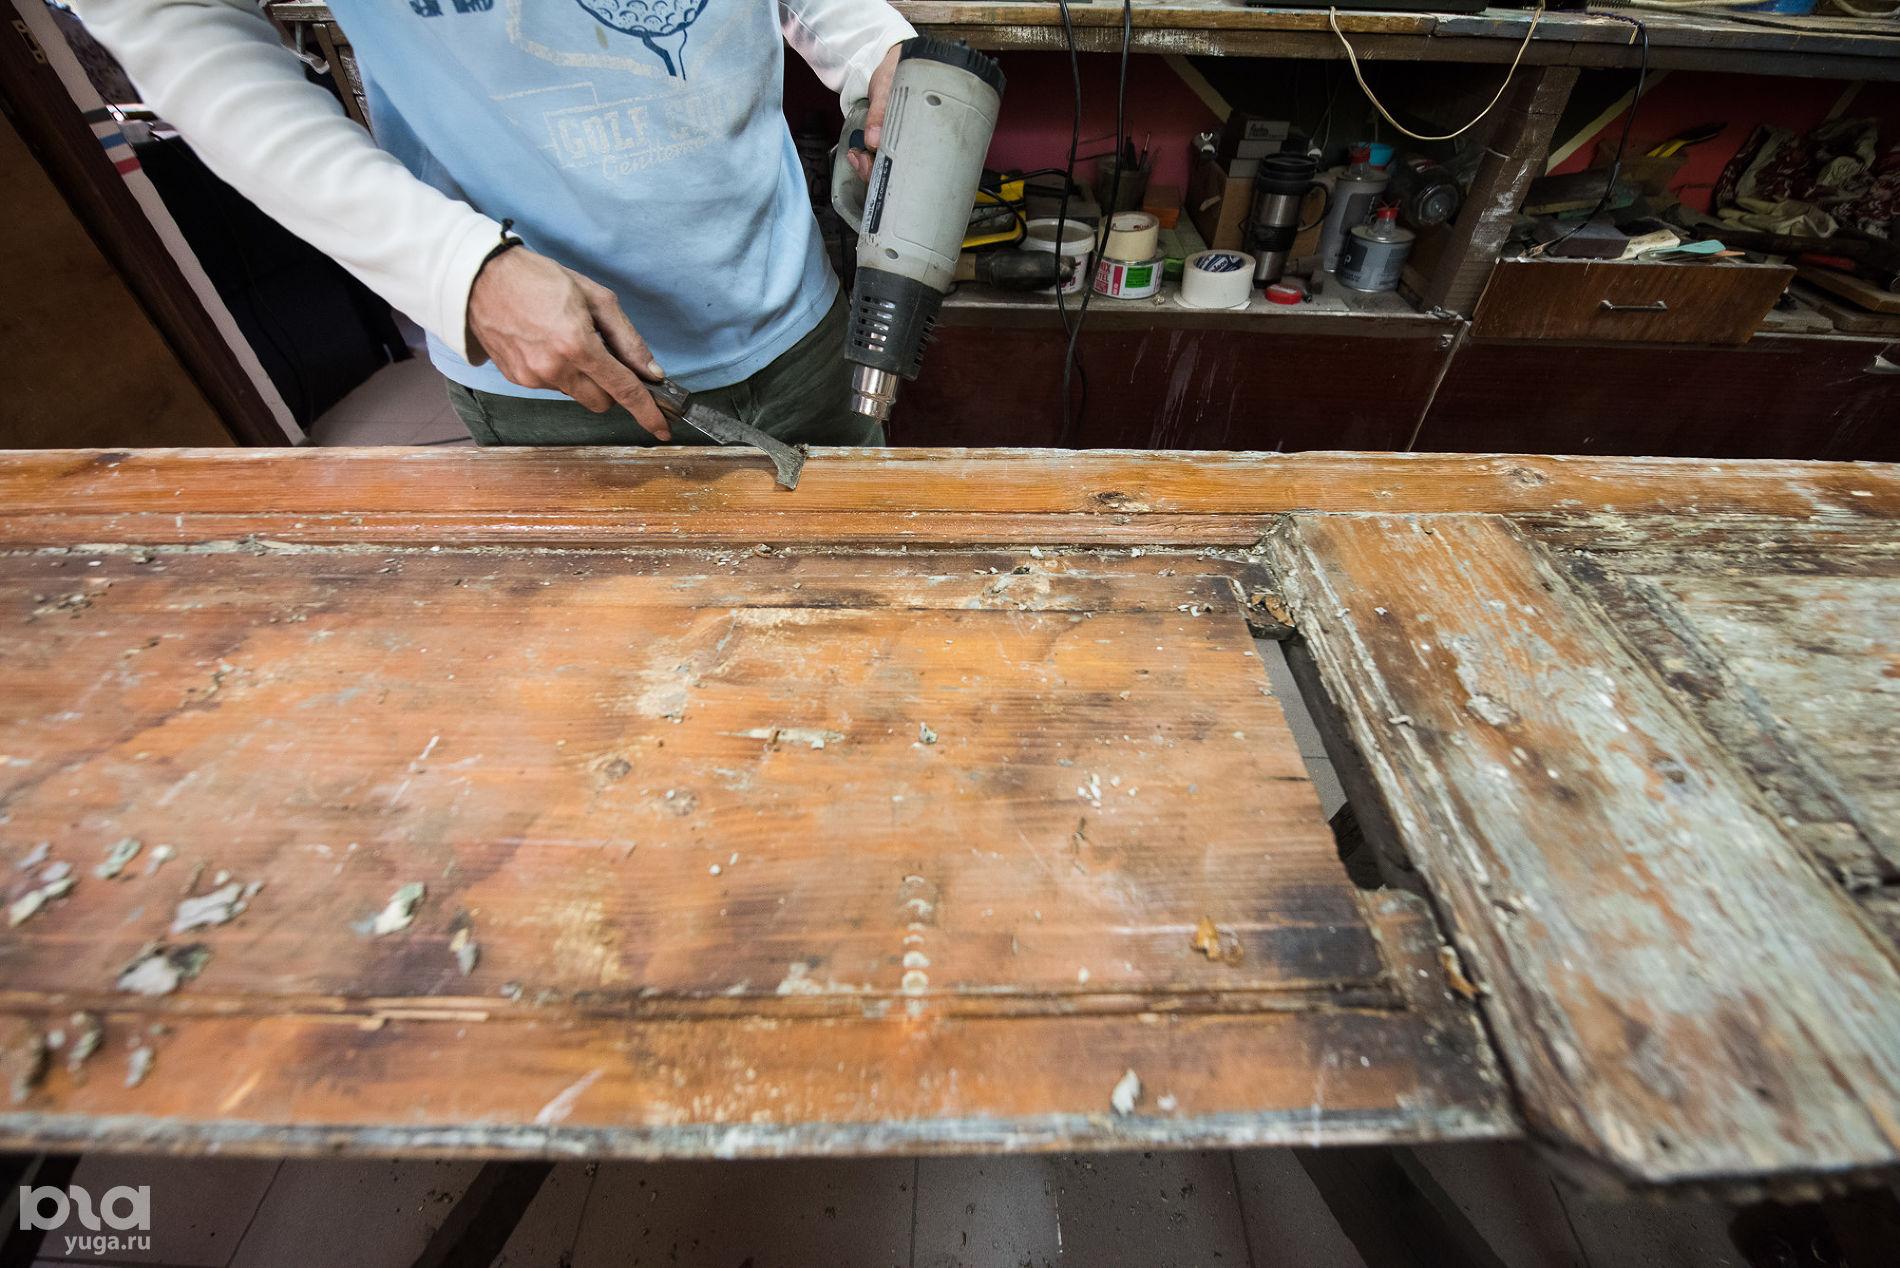 Реставрация дверей в мастерской Лазаря Щербакова ©Фото Елены Синеок, Юга.ру